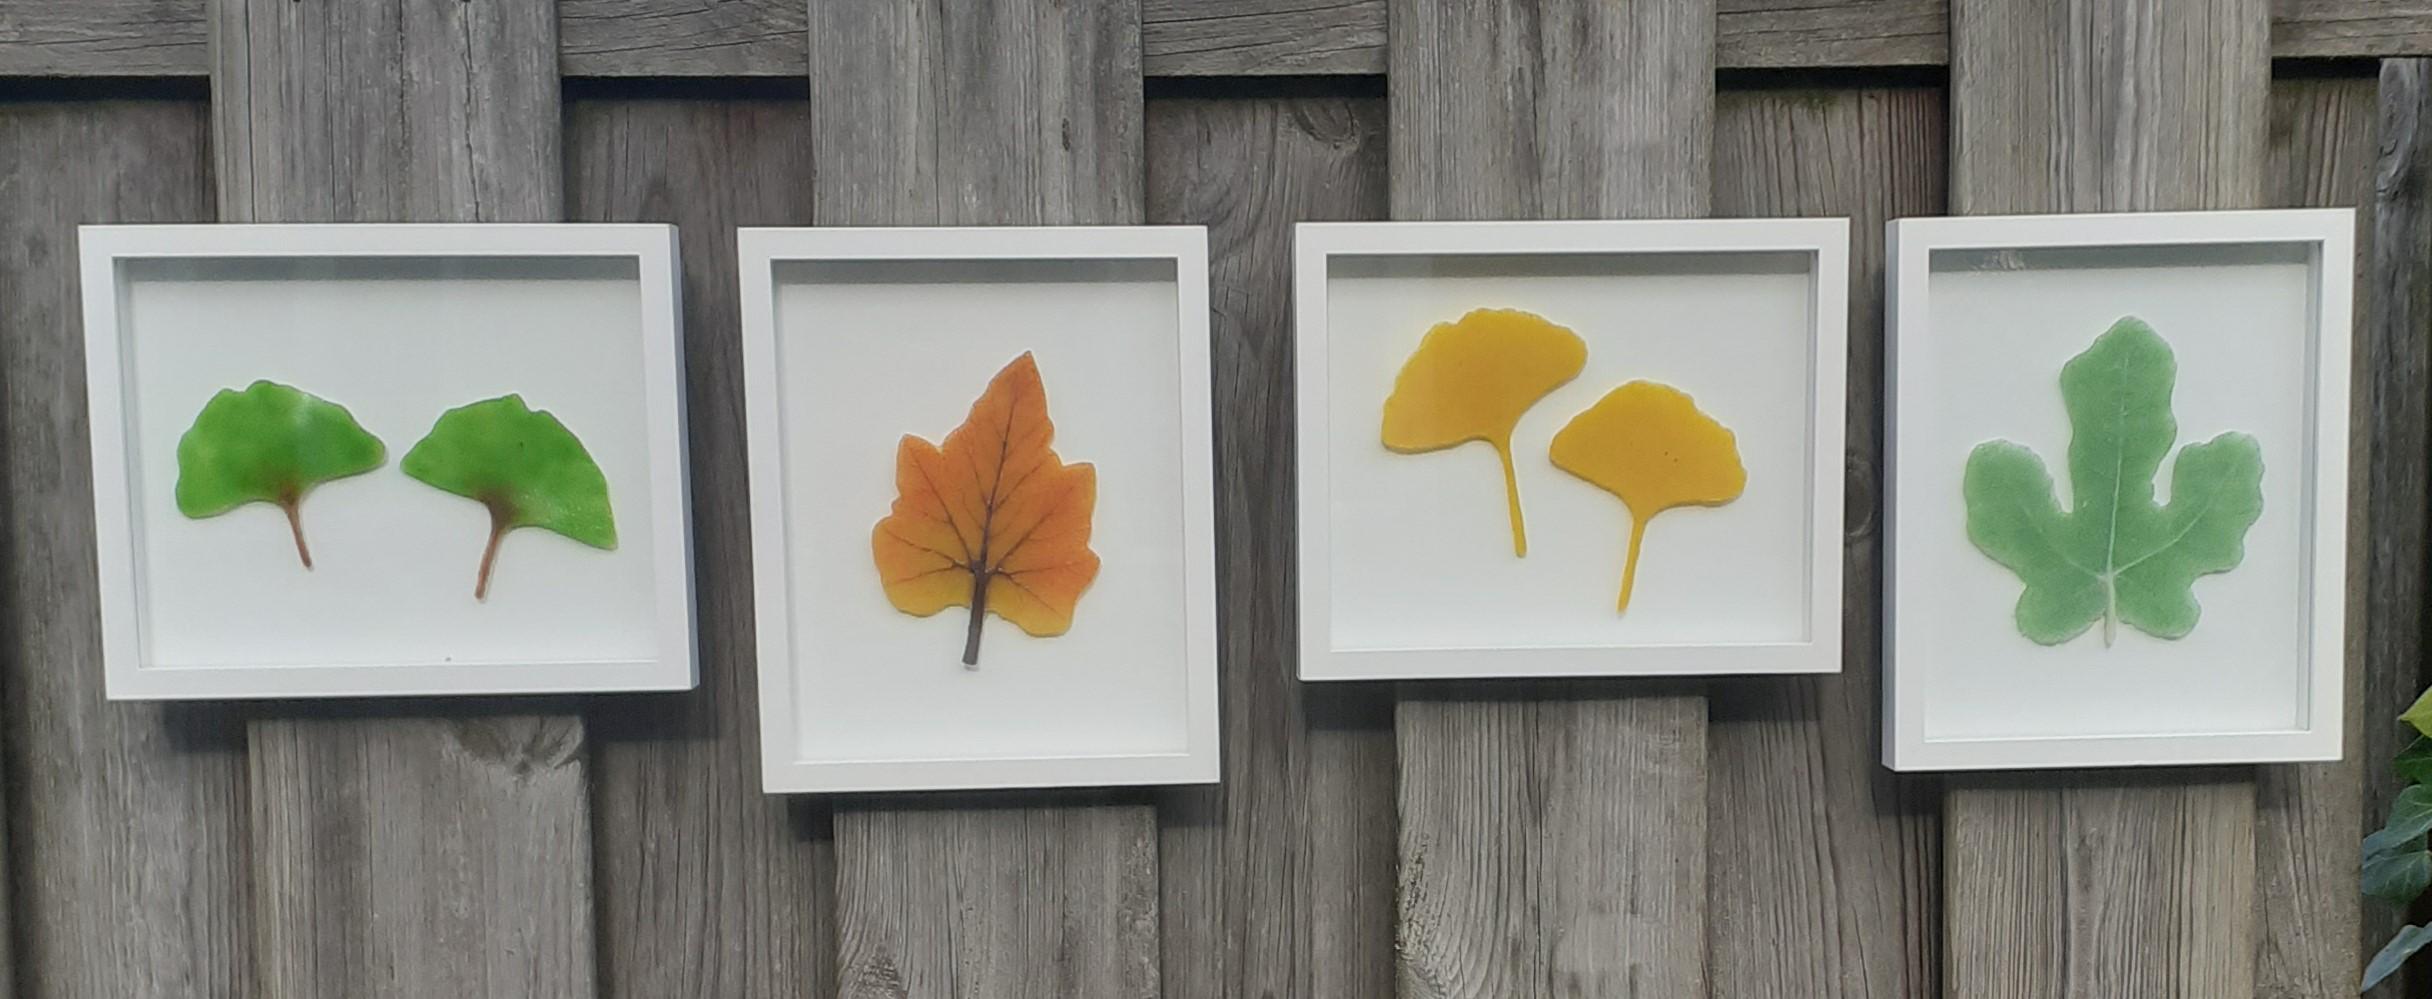 Ginkgo's  - herfstblad - ginkgo's - vijgenblad